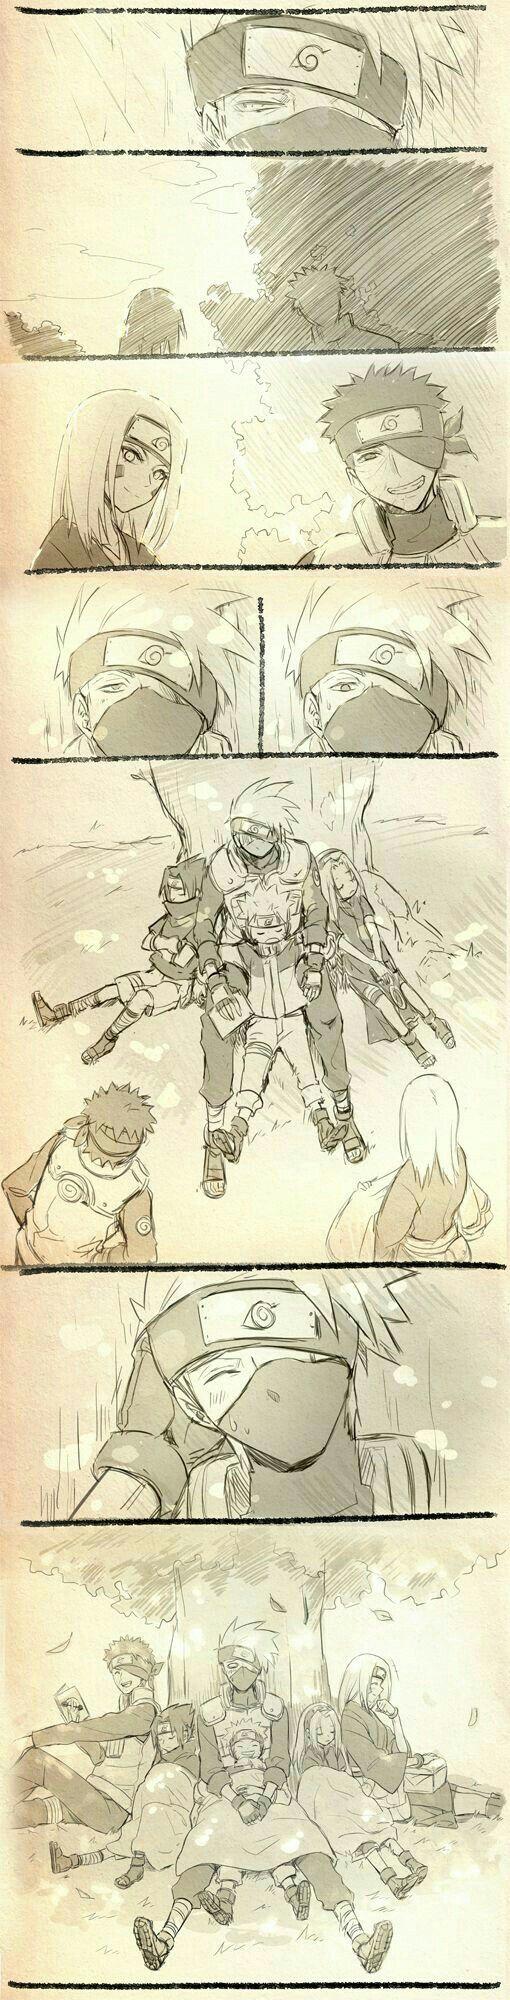 Team Minato, Kakashi, Obito, Rin, Team 7, Naruto, Sasuke, Sakura, sleeping, tree, cute, comic; Naruto